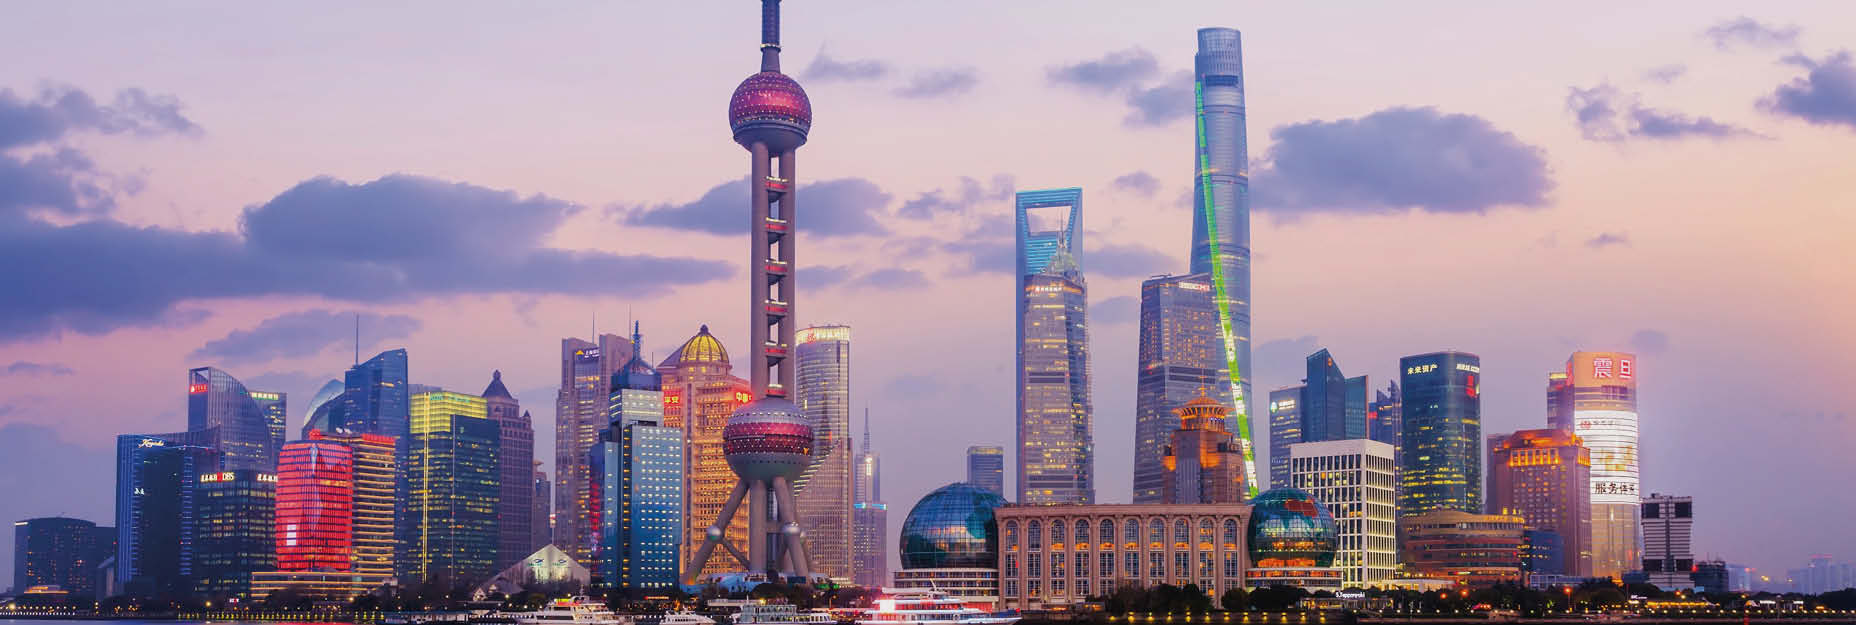 Shanghai food waste law